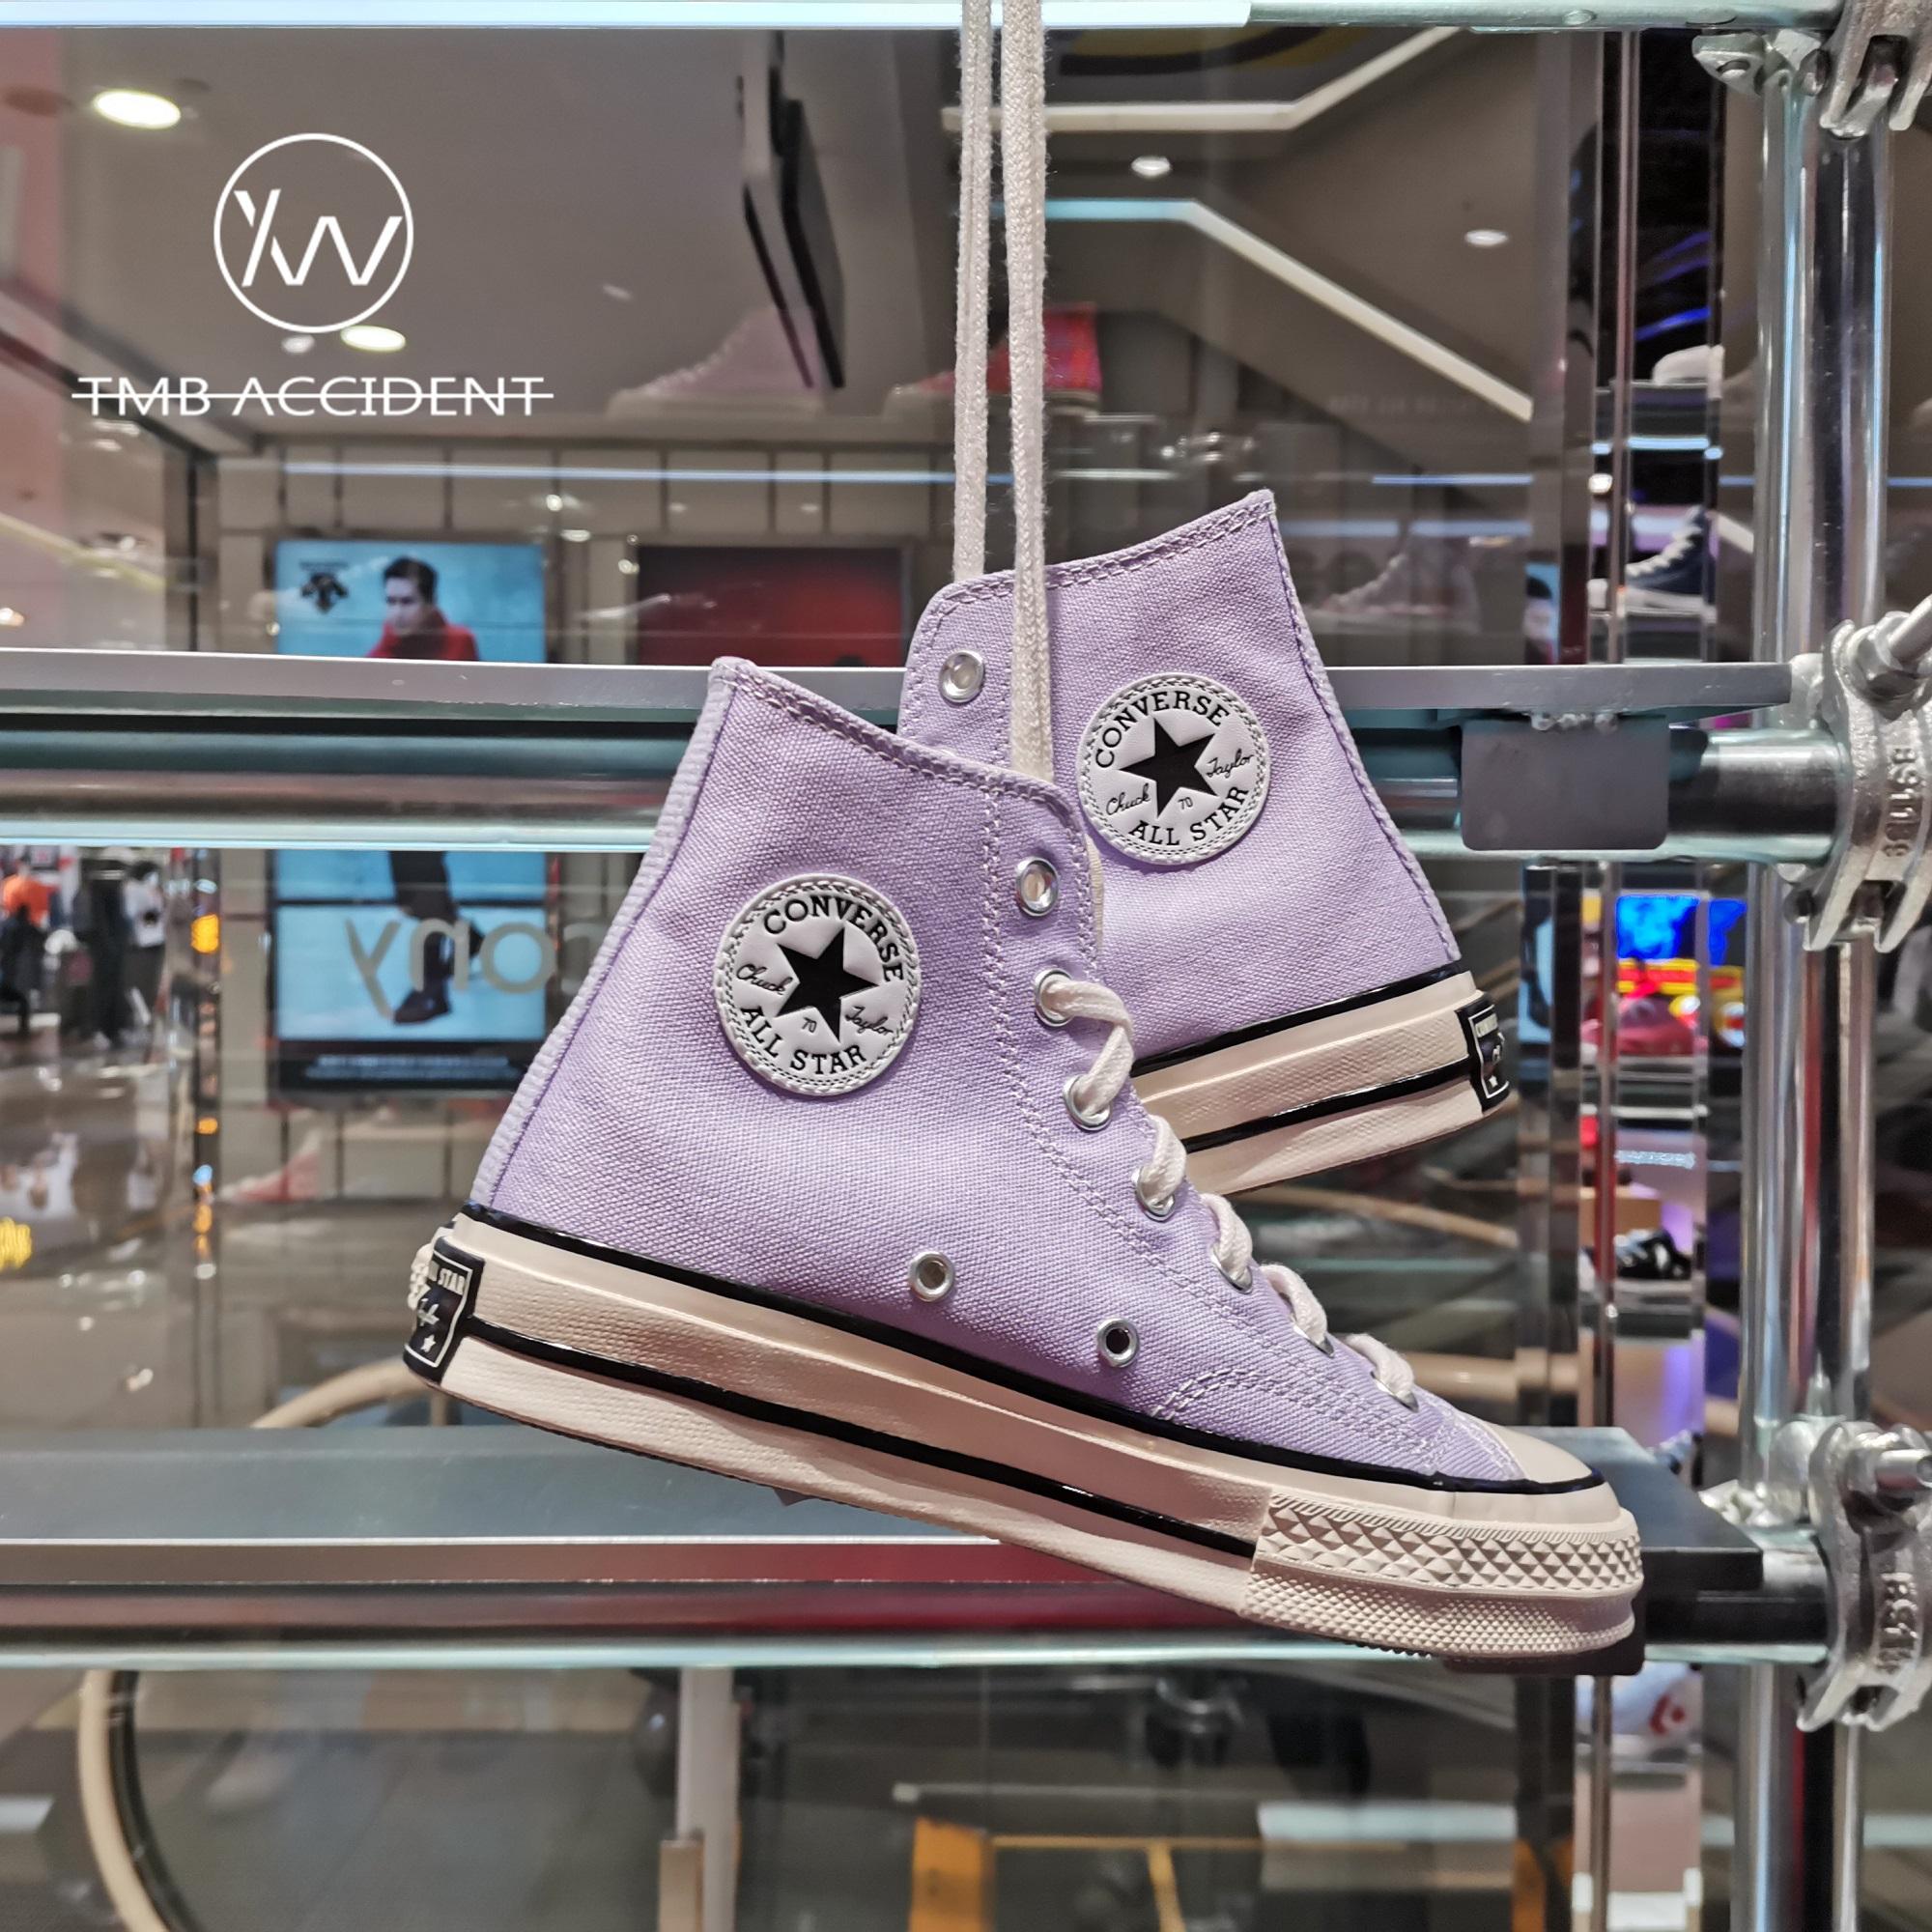 紫色帆布鞋 CONVERSE匡威1970S 香芋紫 淡紫色三星标高帮男女鞋帆布鞋167862C_推荐淘宝好看的紫色帆布鞋